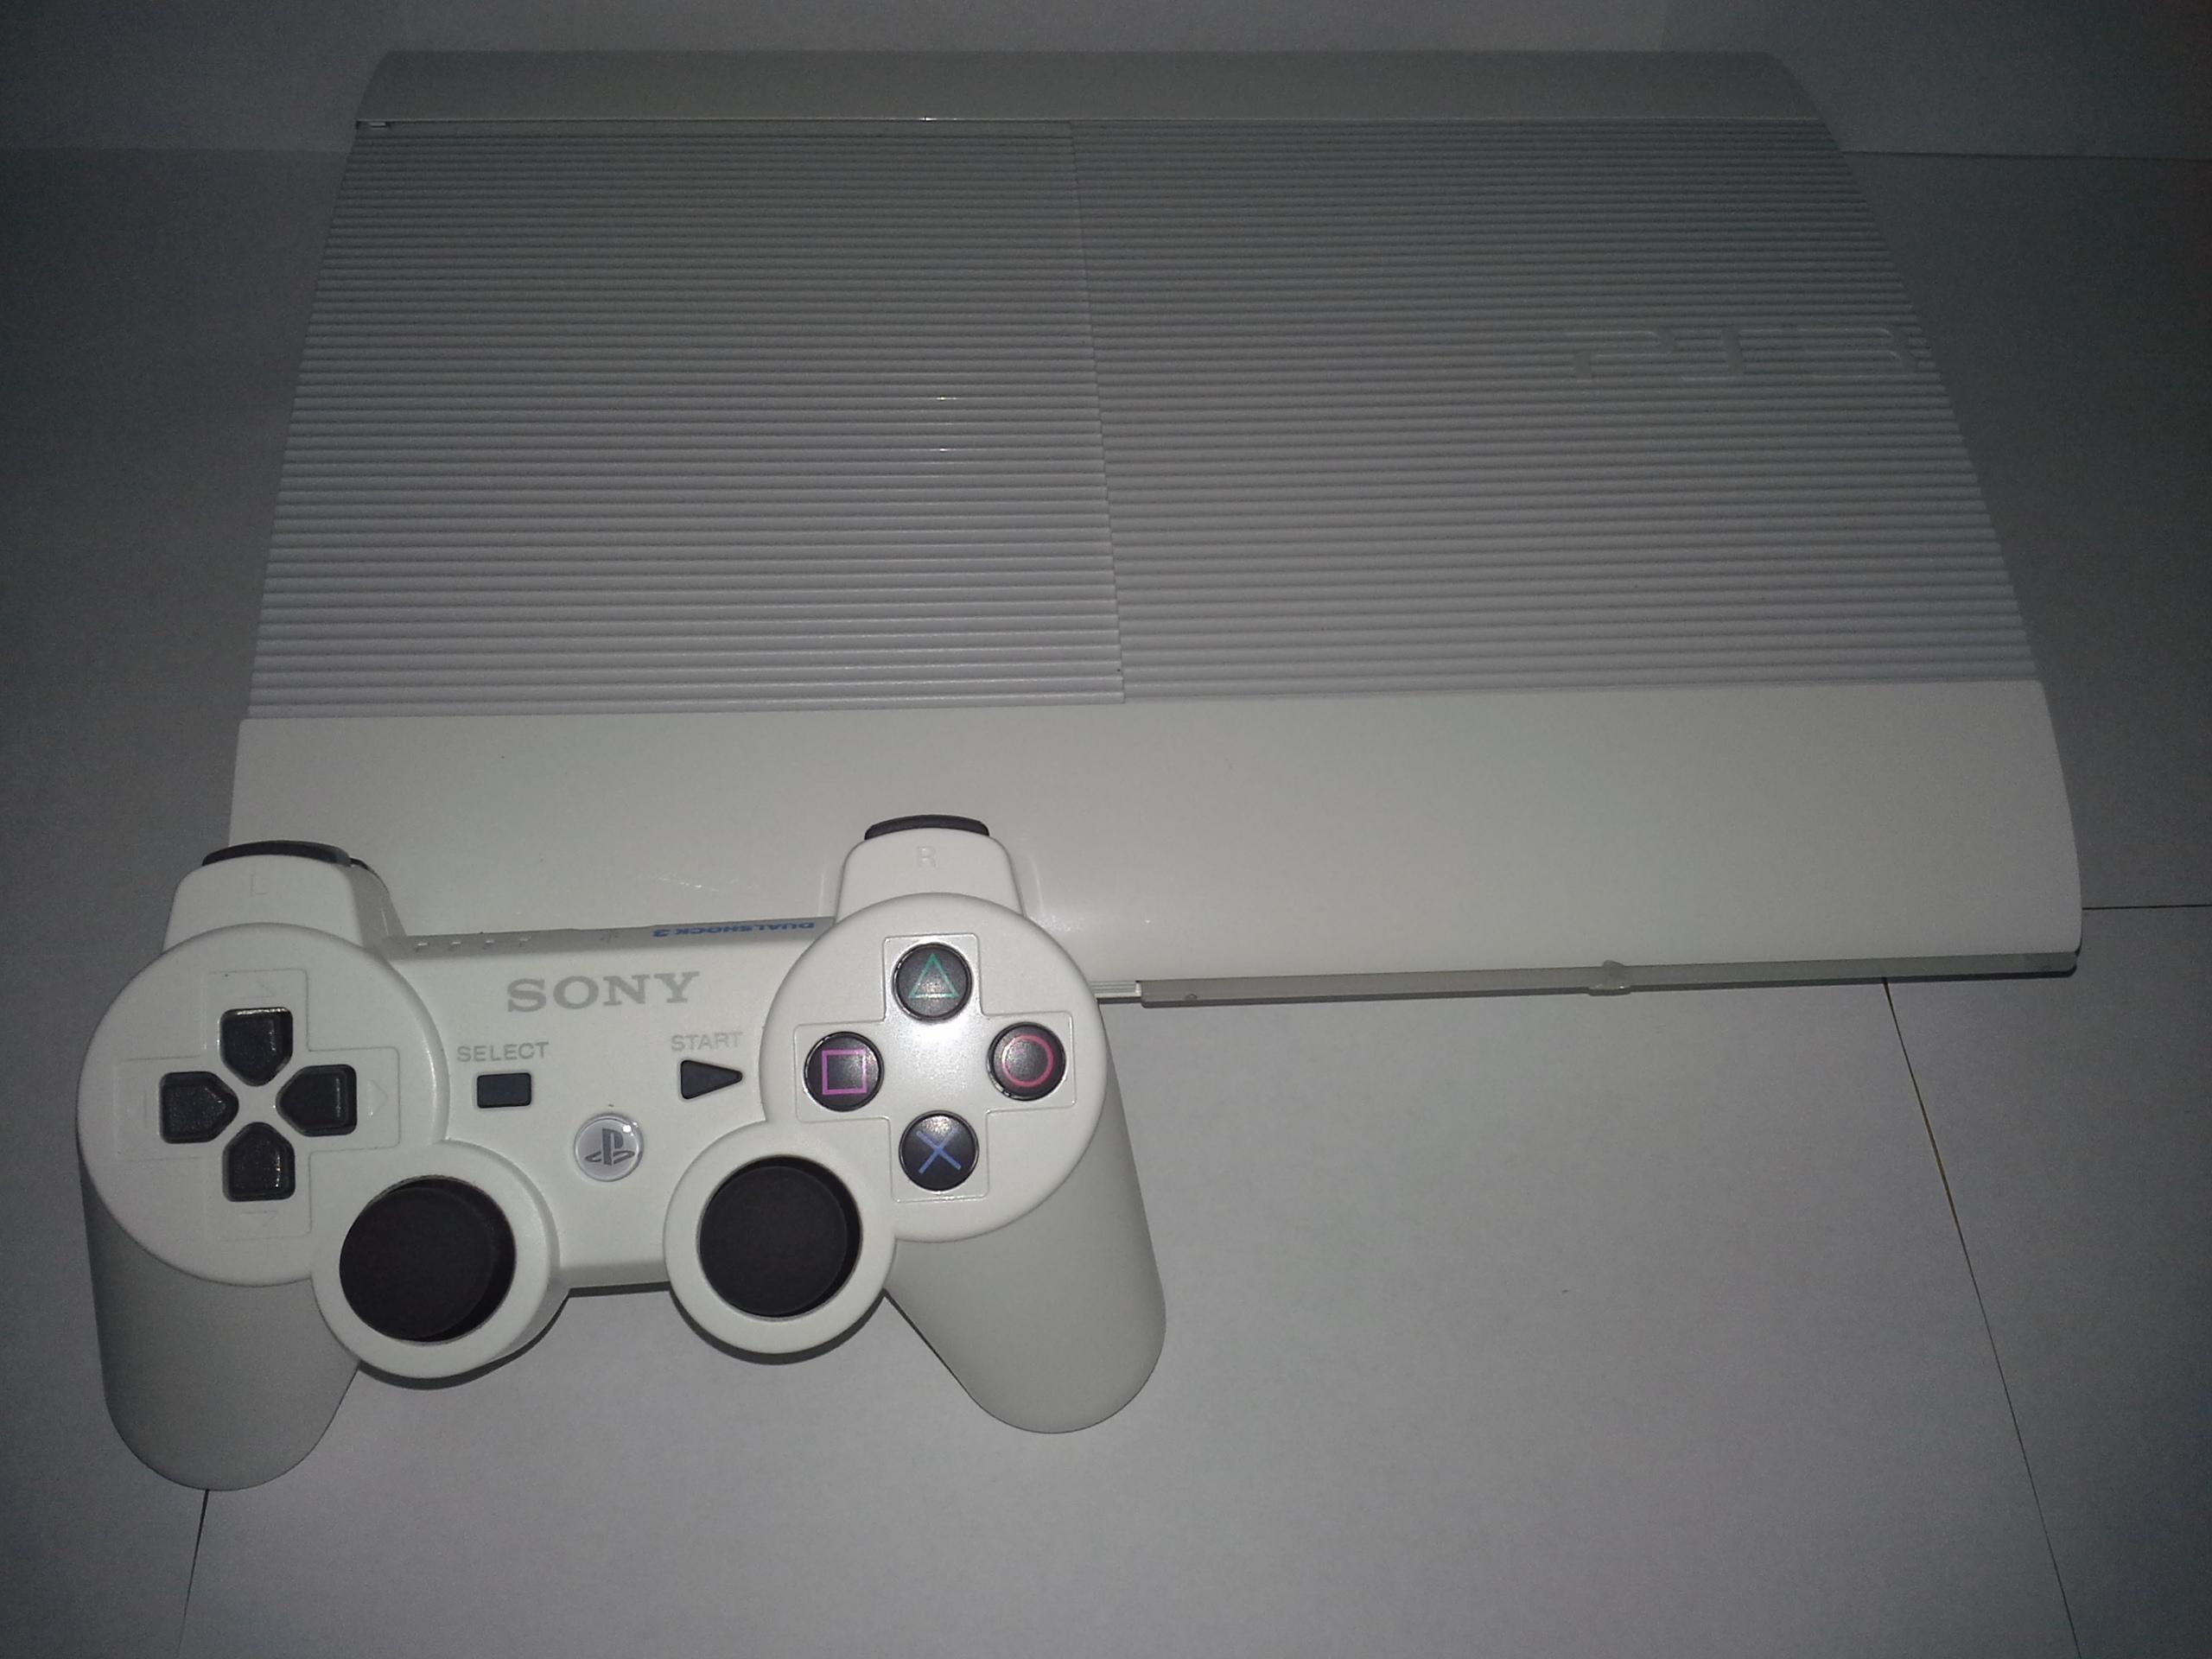 File:Classic White PS3 Super Slim - 1084.2KB